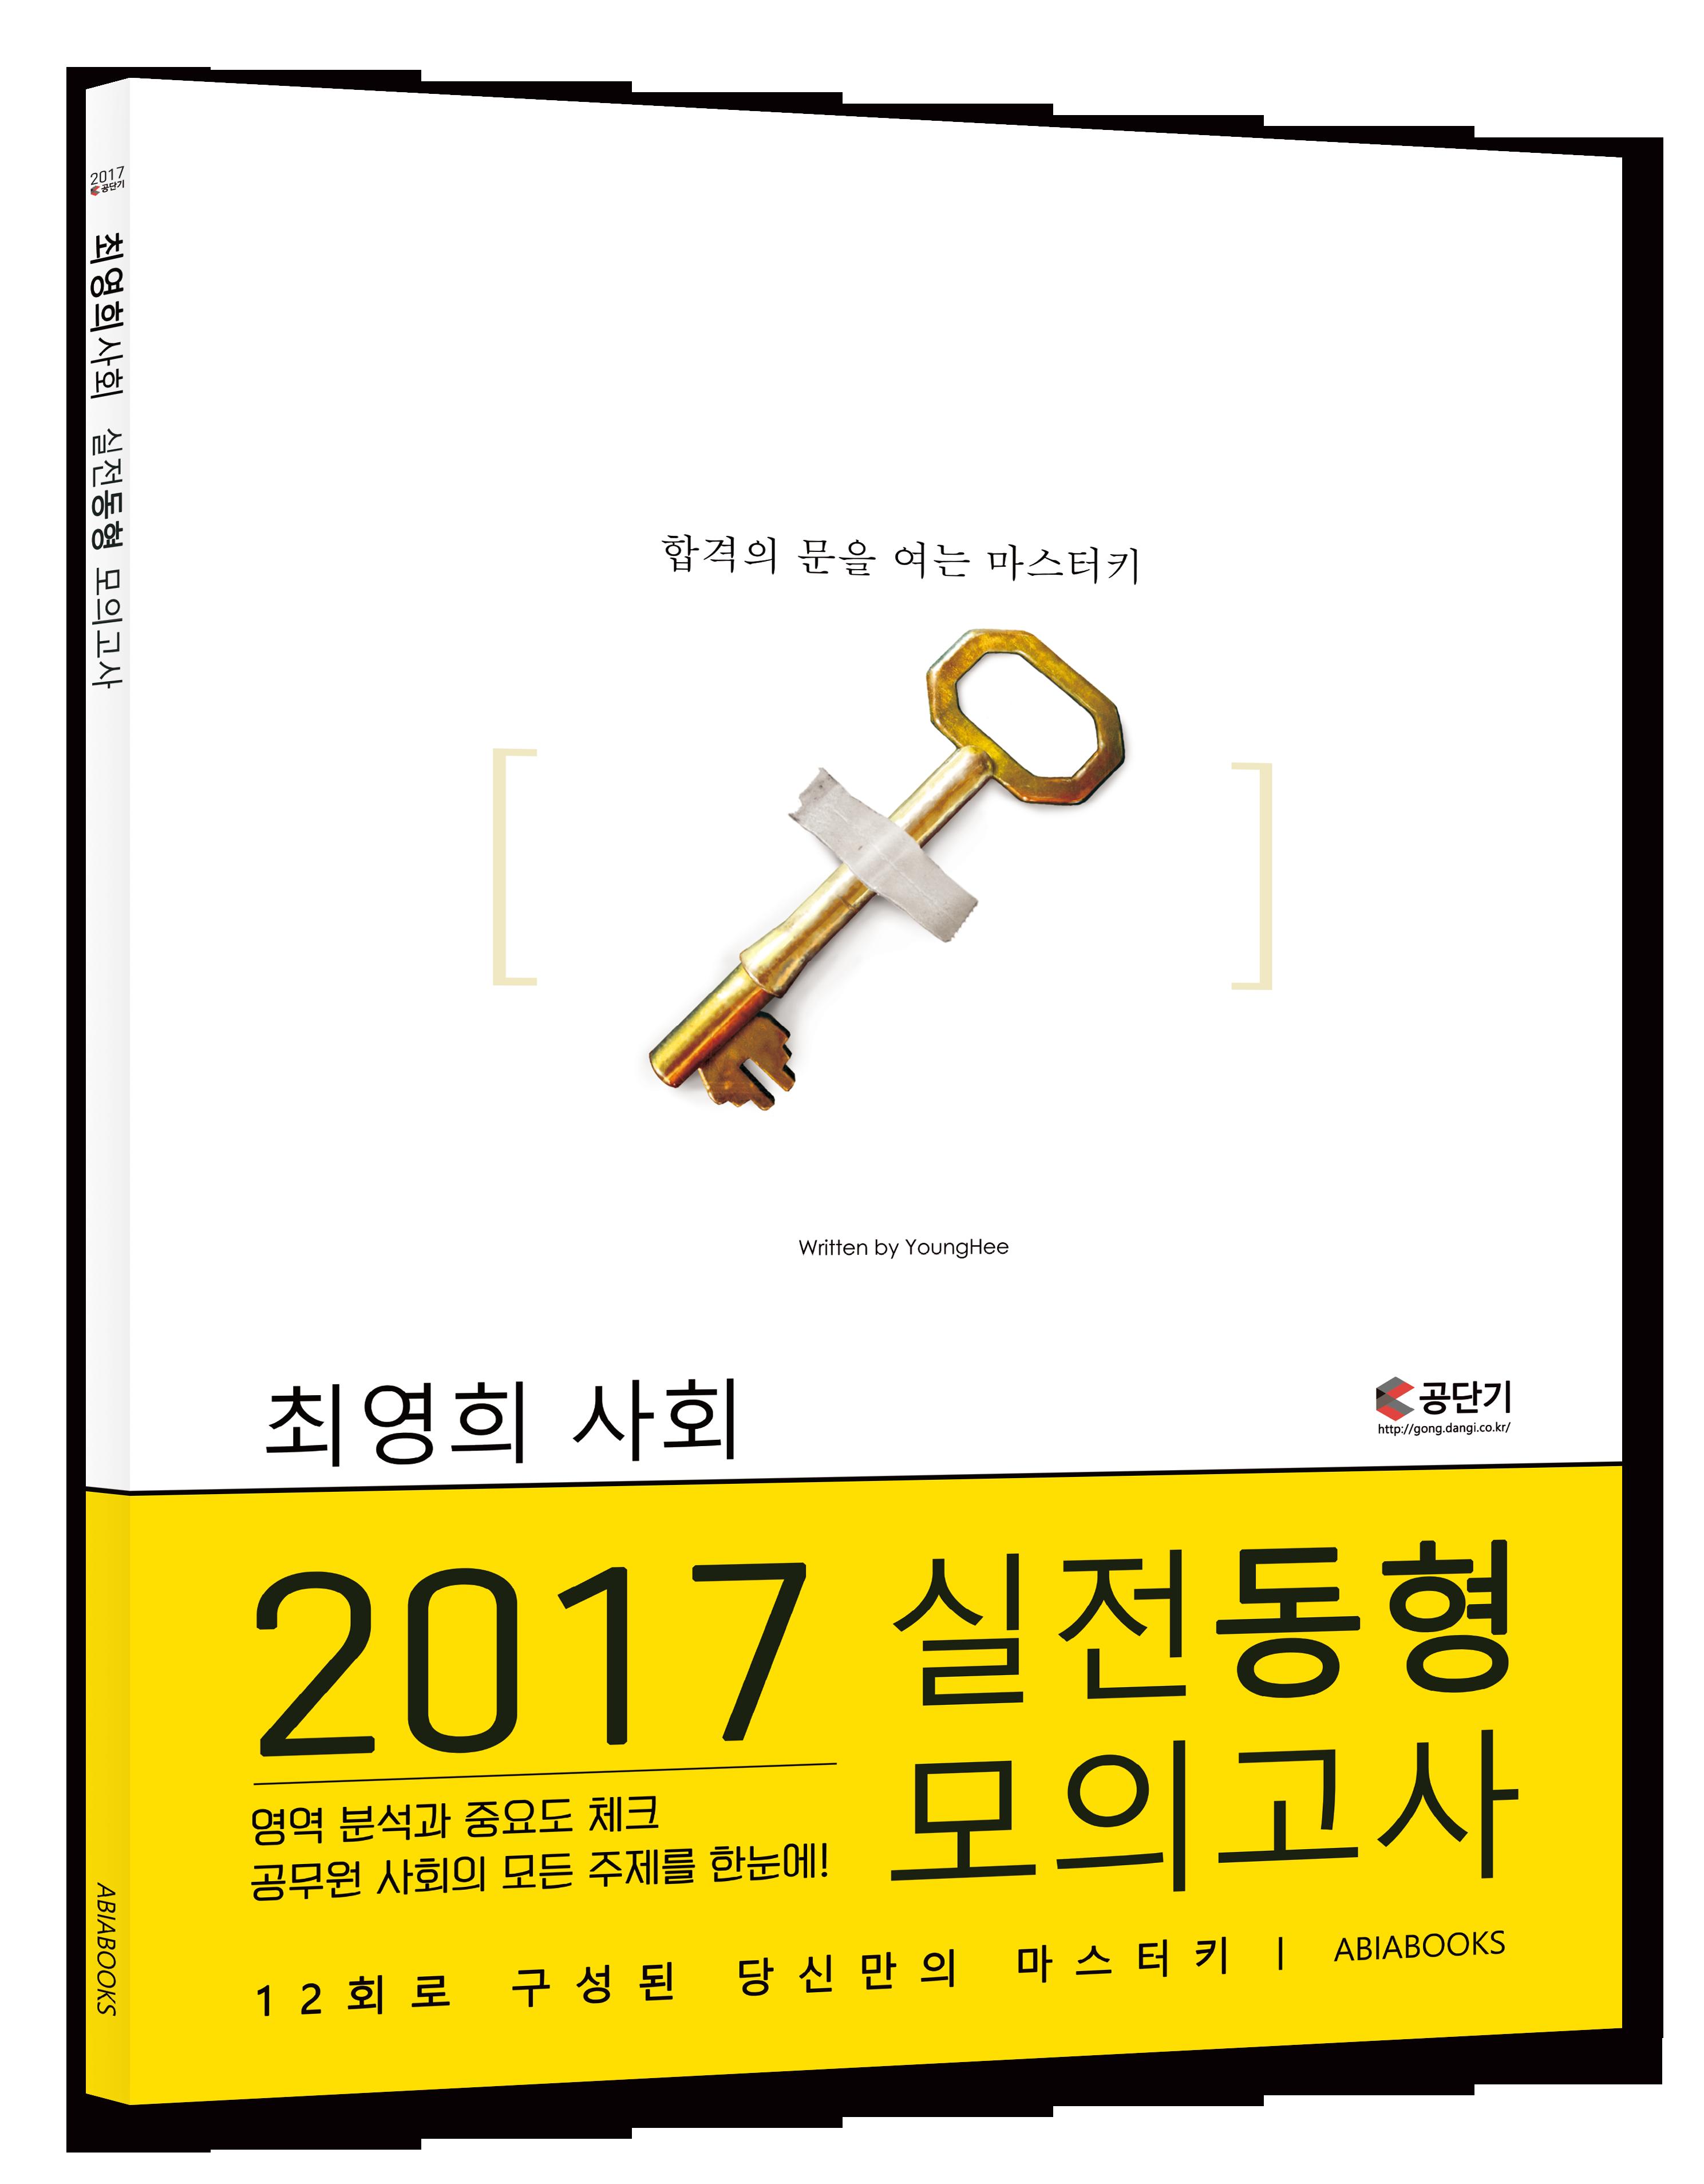 2017 최영희 사회 실전 동형 모의고사